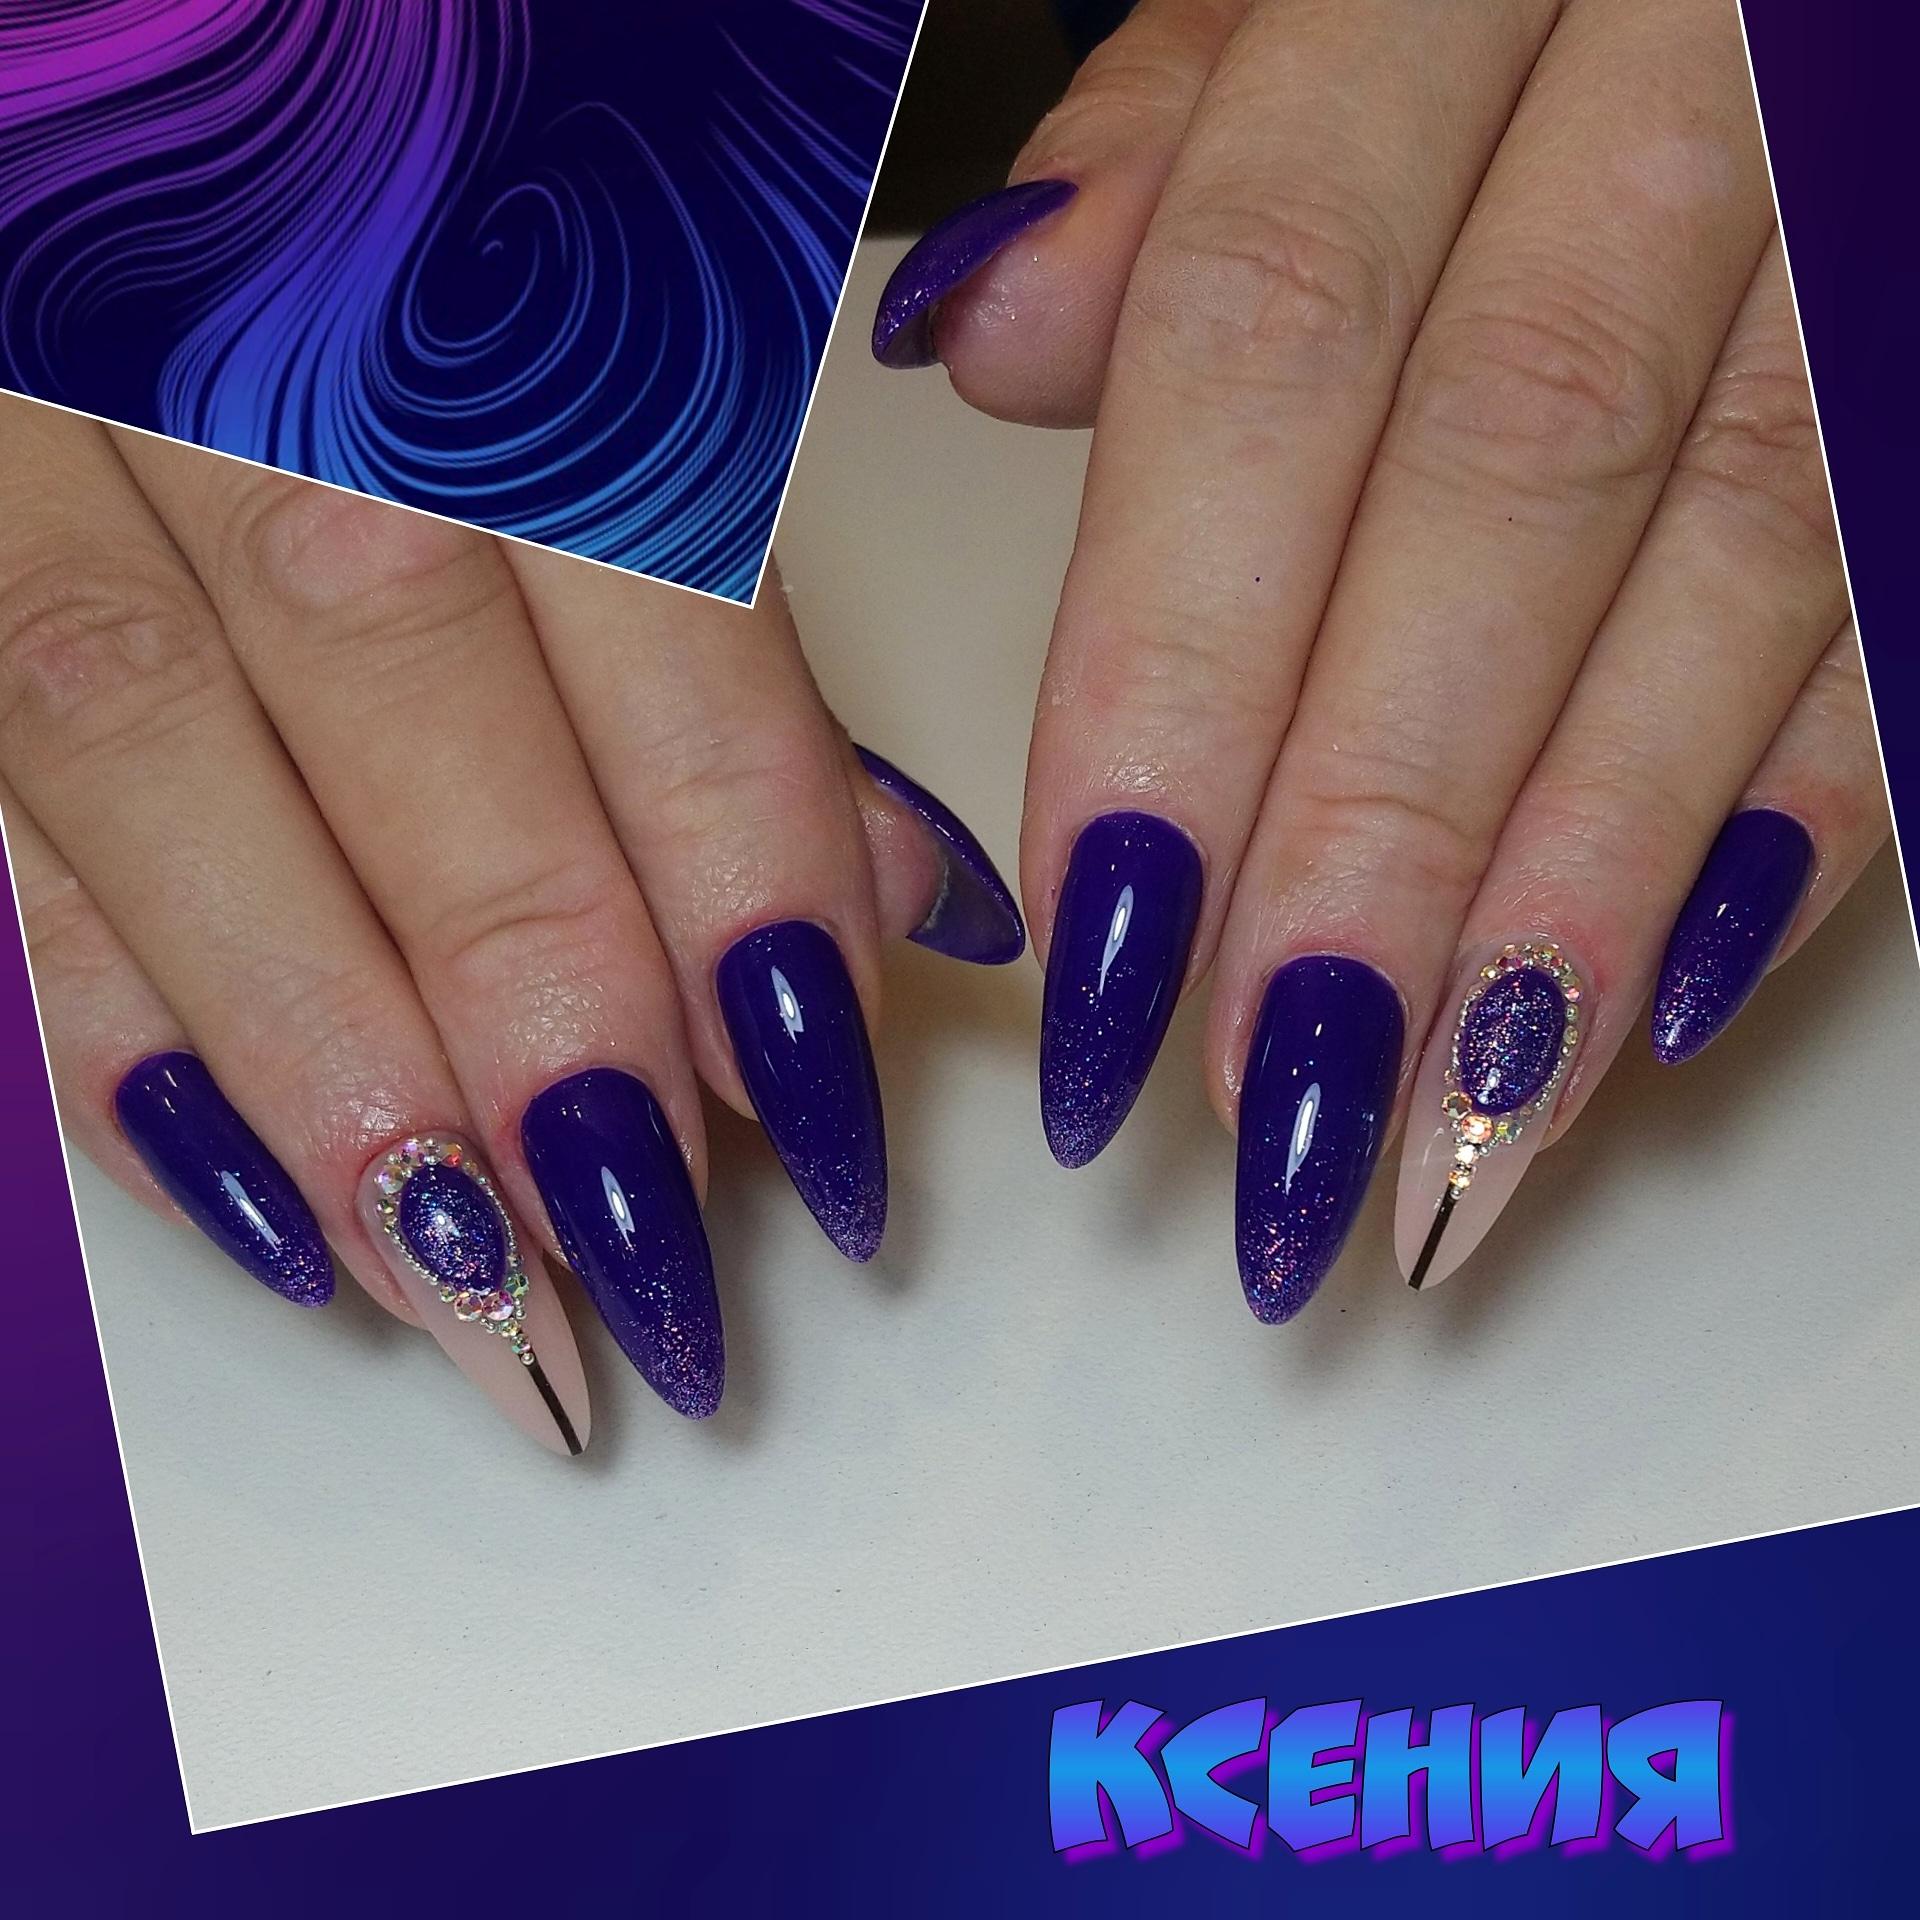 Маникюр со стразами в синем цвете на длинные ногти.